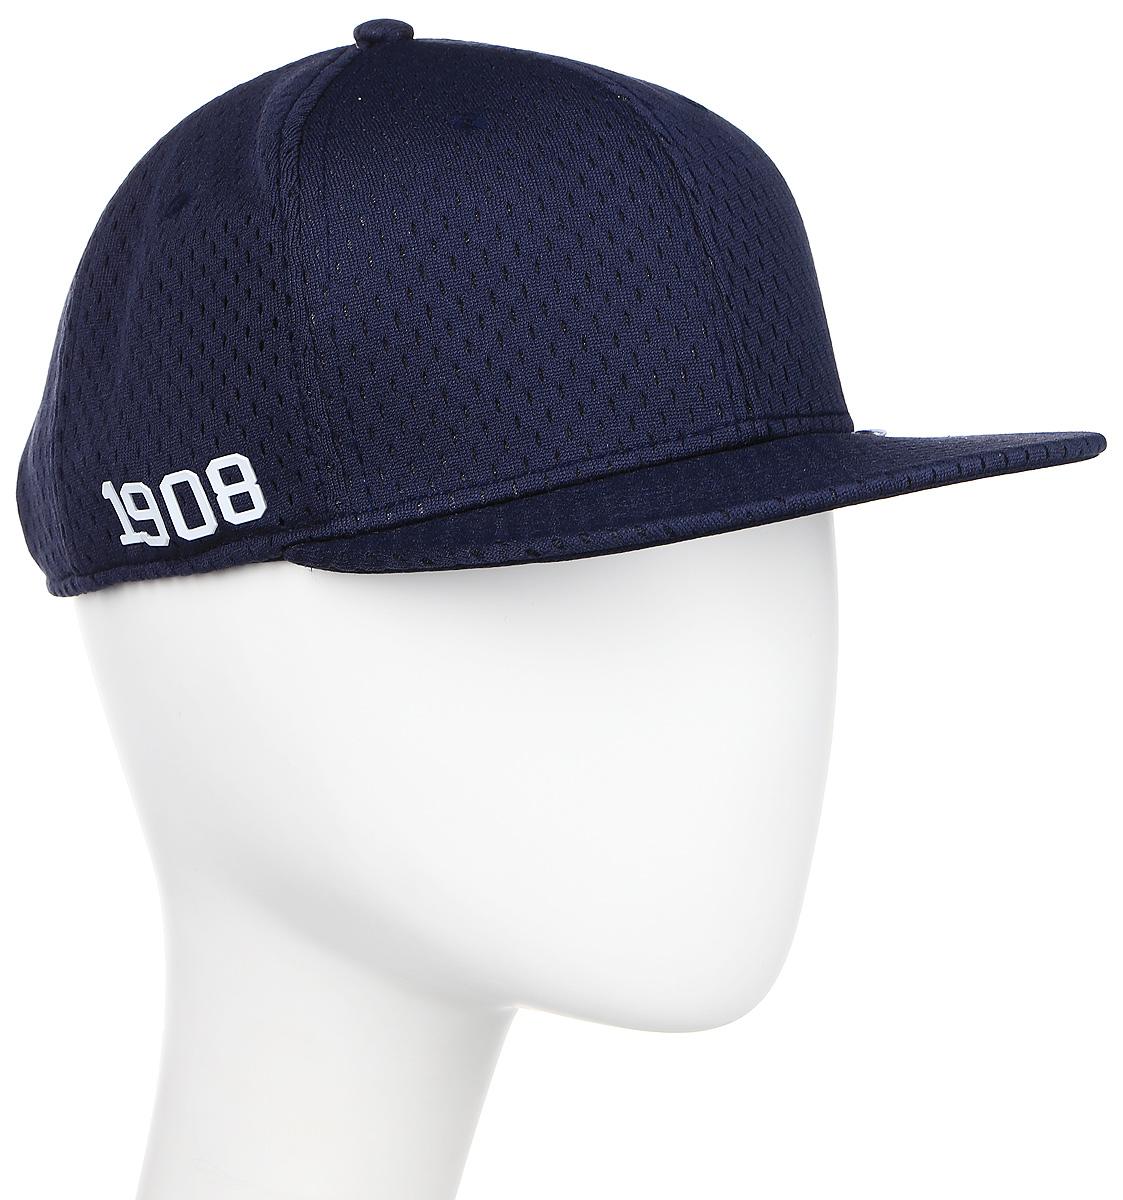 Бейсболка Converse Athletic Mesh Snapback, цвет: синий. 529295. Размер универсальный529295Стильная бейсболка Converse идеально подойдет для прогулок, занятий спортом и отдыха. Бейсболка, выполненная из полиэстера, надежно защитит вас от солнца и ветра. Модель имеет специальные вентиляционные отверстия. Объем бейсболки регулируется при помощи пластикового фиксатора.